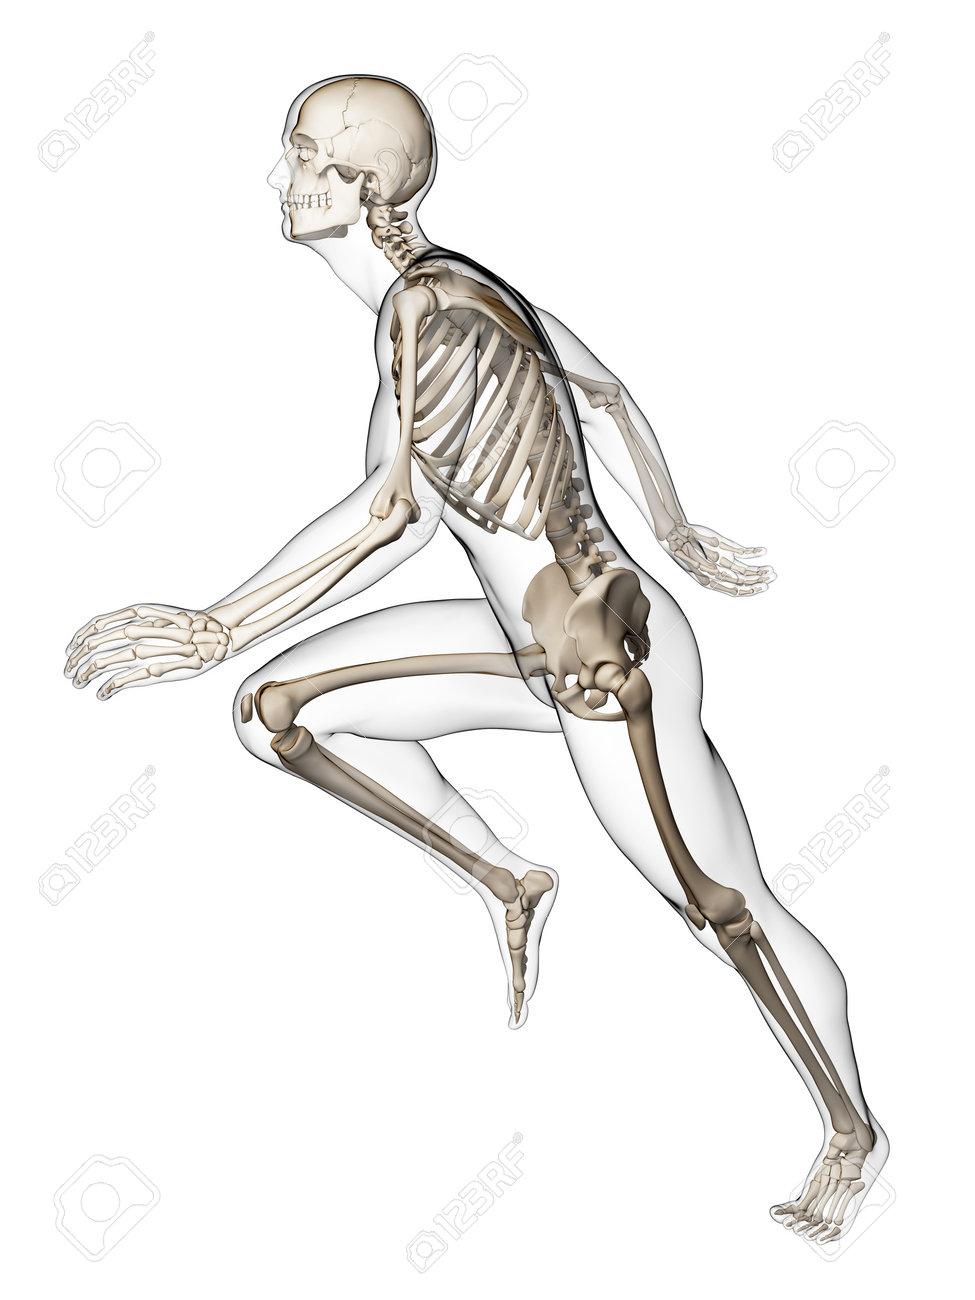 3d rendered illustration - runner anatomy Stock Photo - 18070701